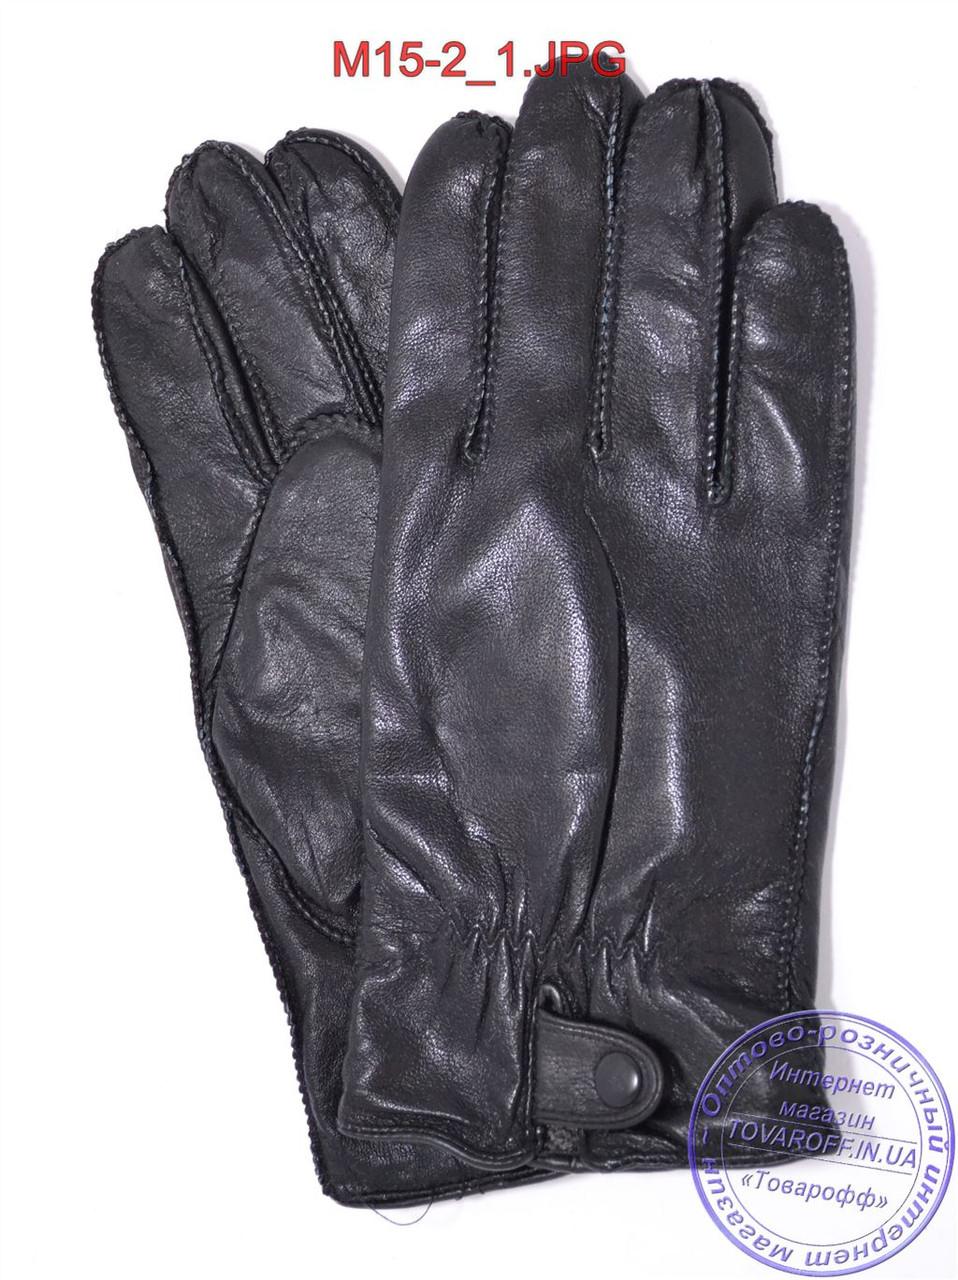 Оптом мужские кожаные перчатки с махровой подкладкой (наружный шов) - №M15-2